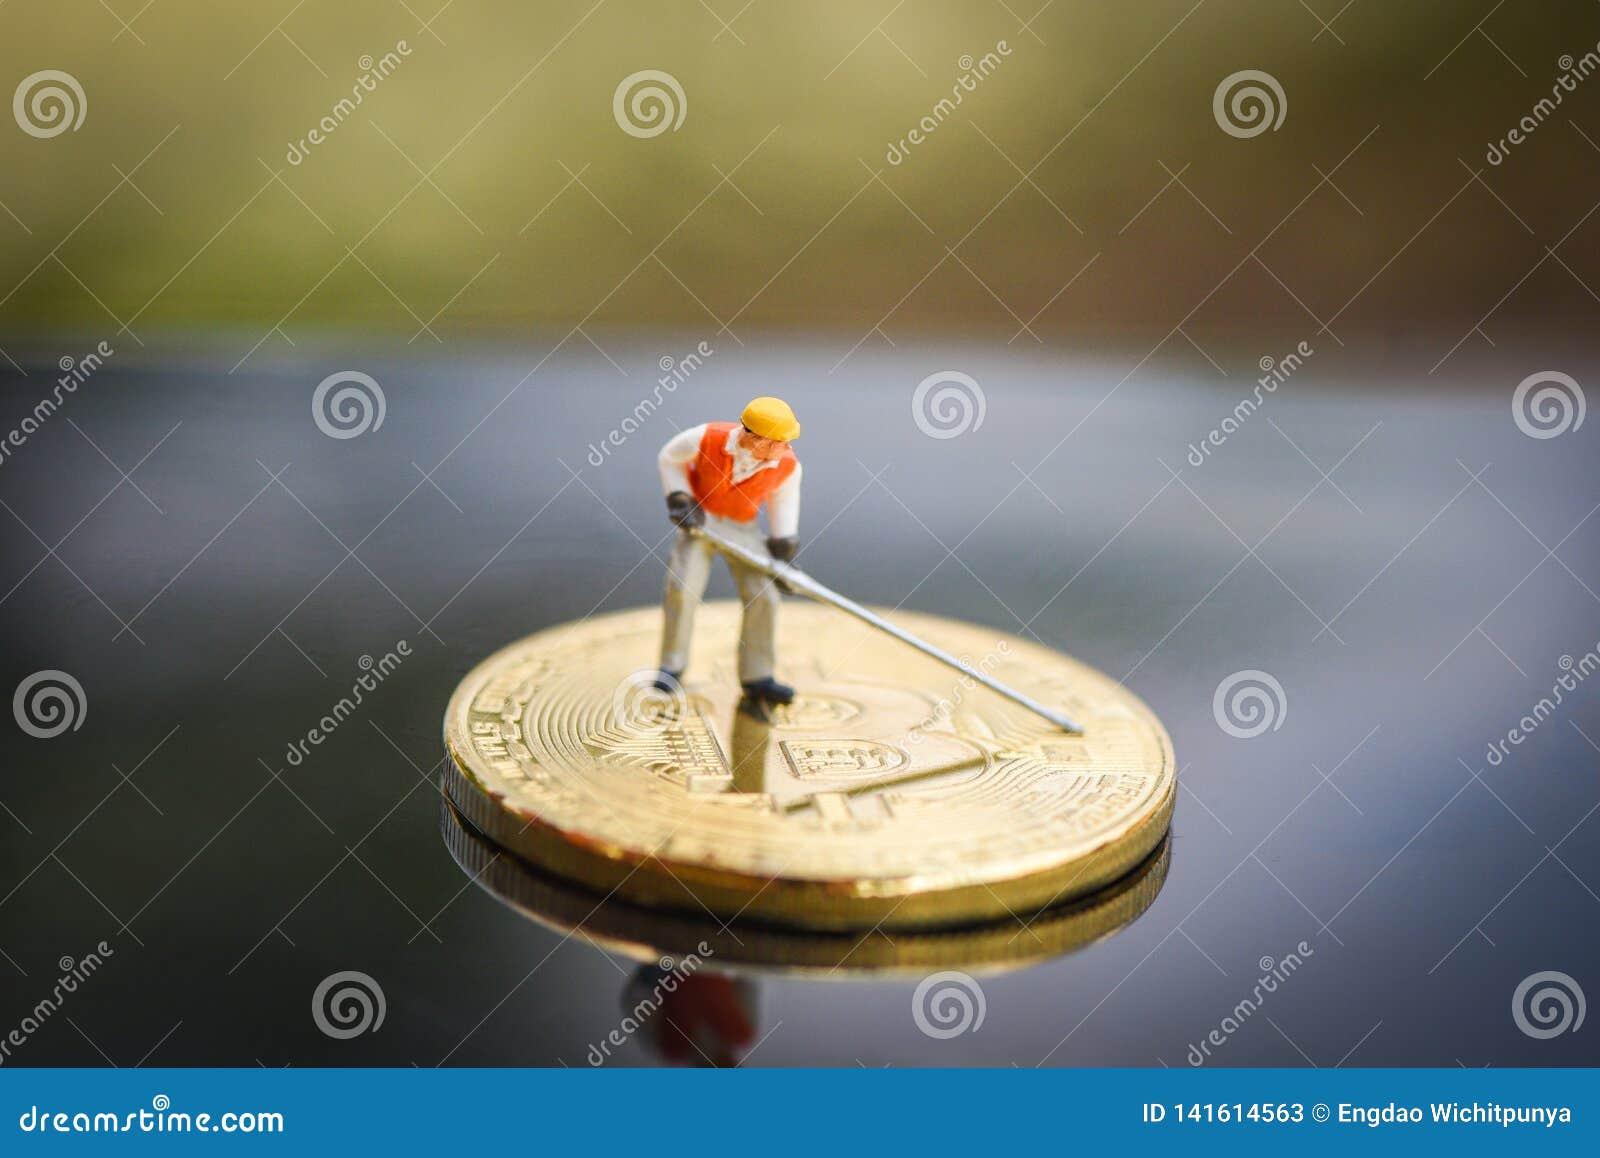 Figurines fonctionnant le concept de extraction de creusement d or de extraction de bitcoin virtuel de cryptocurrency de Bitcoin